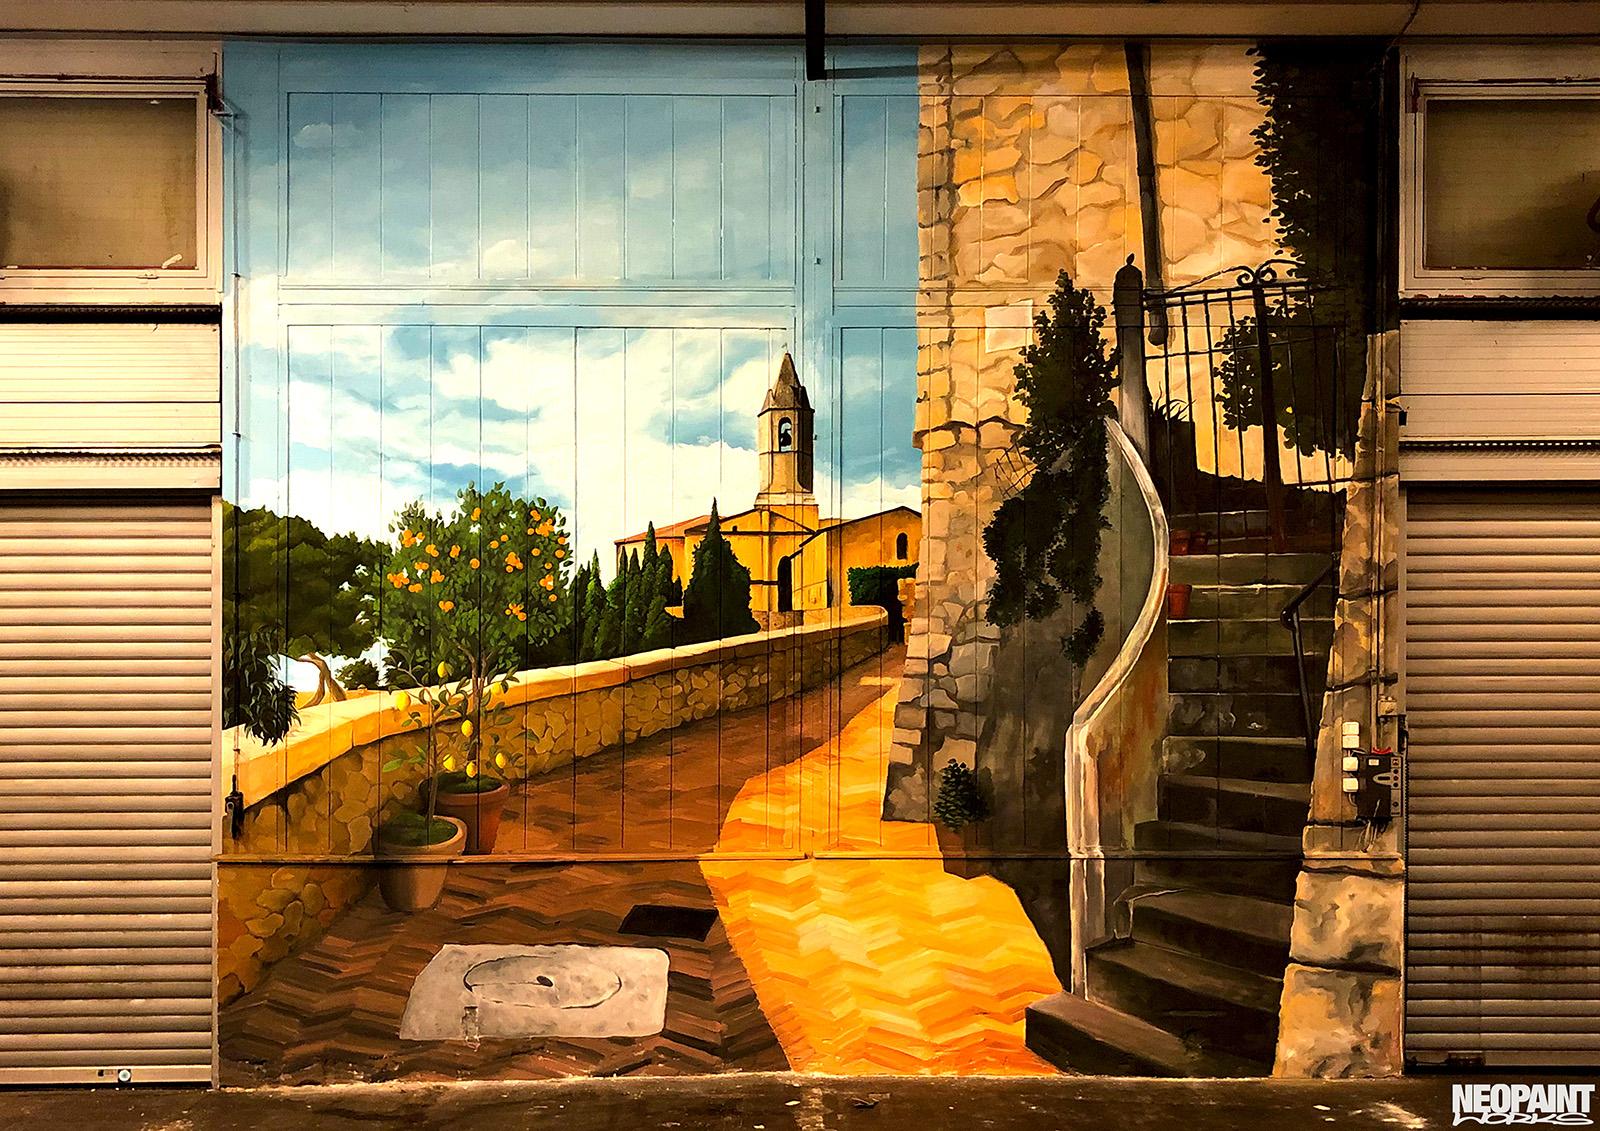 épületfestés - dekoráció - falfestmény - neopaint works (2)